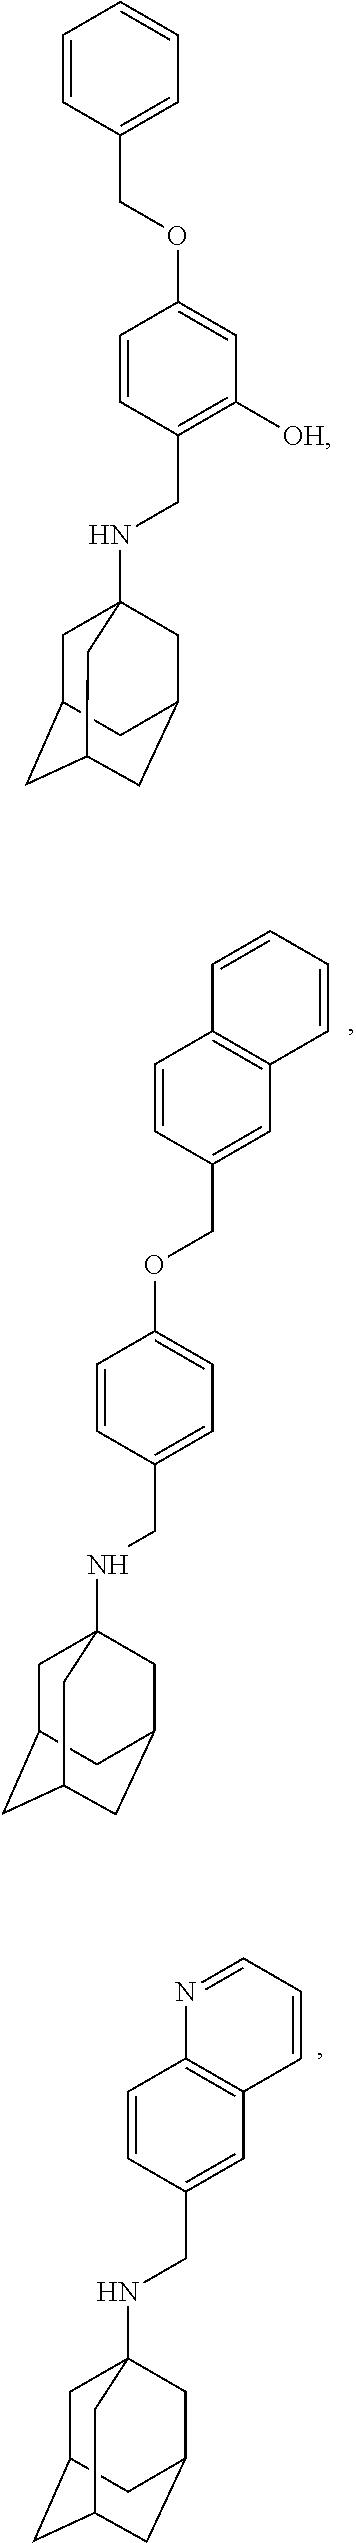 Figure US09884832-20180206-C00036